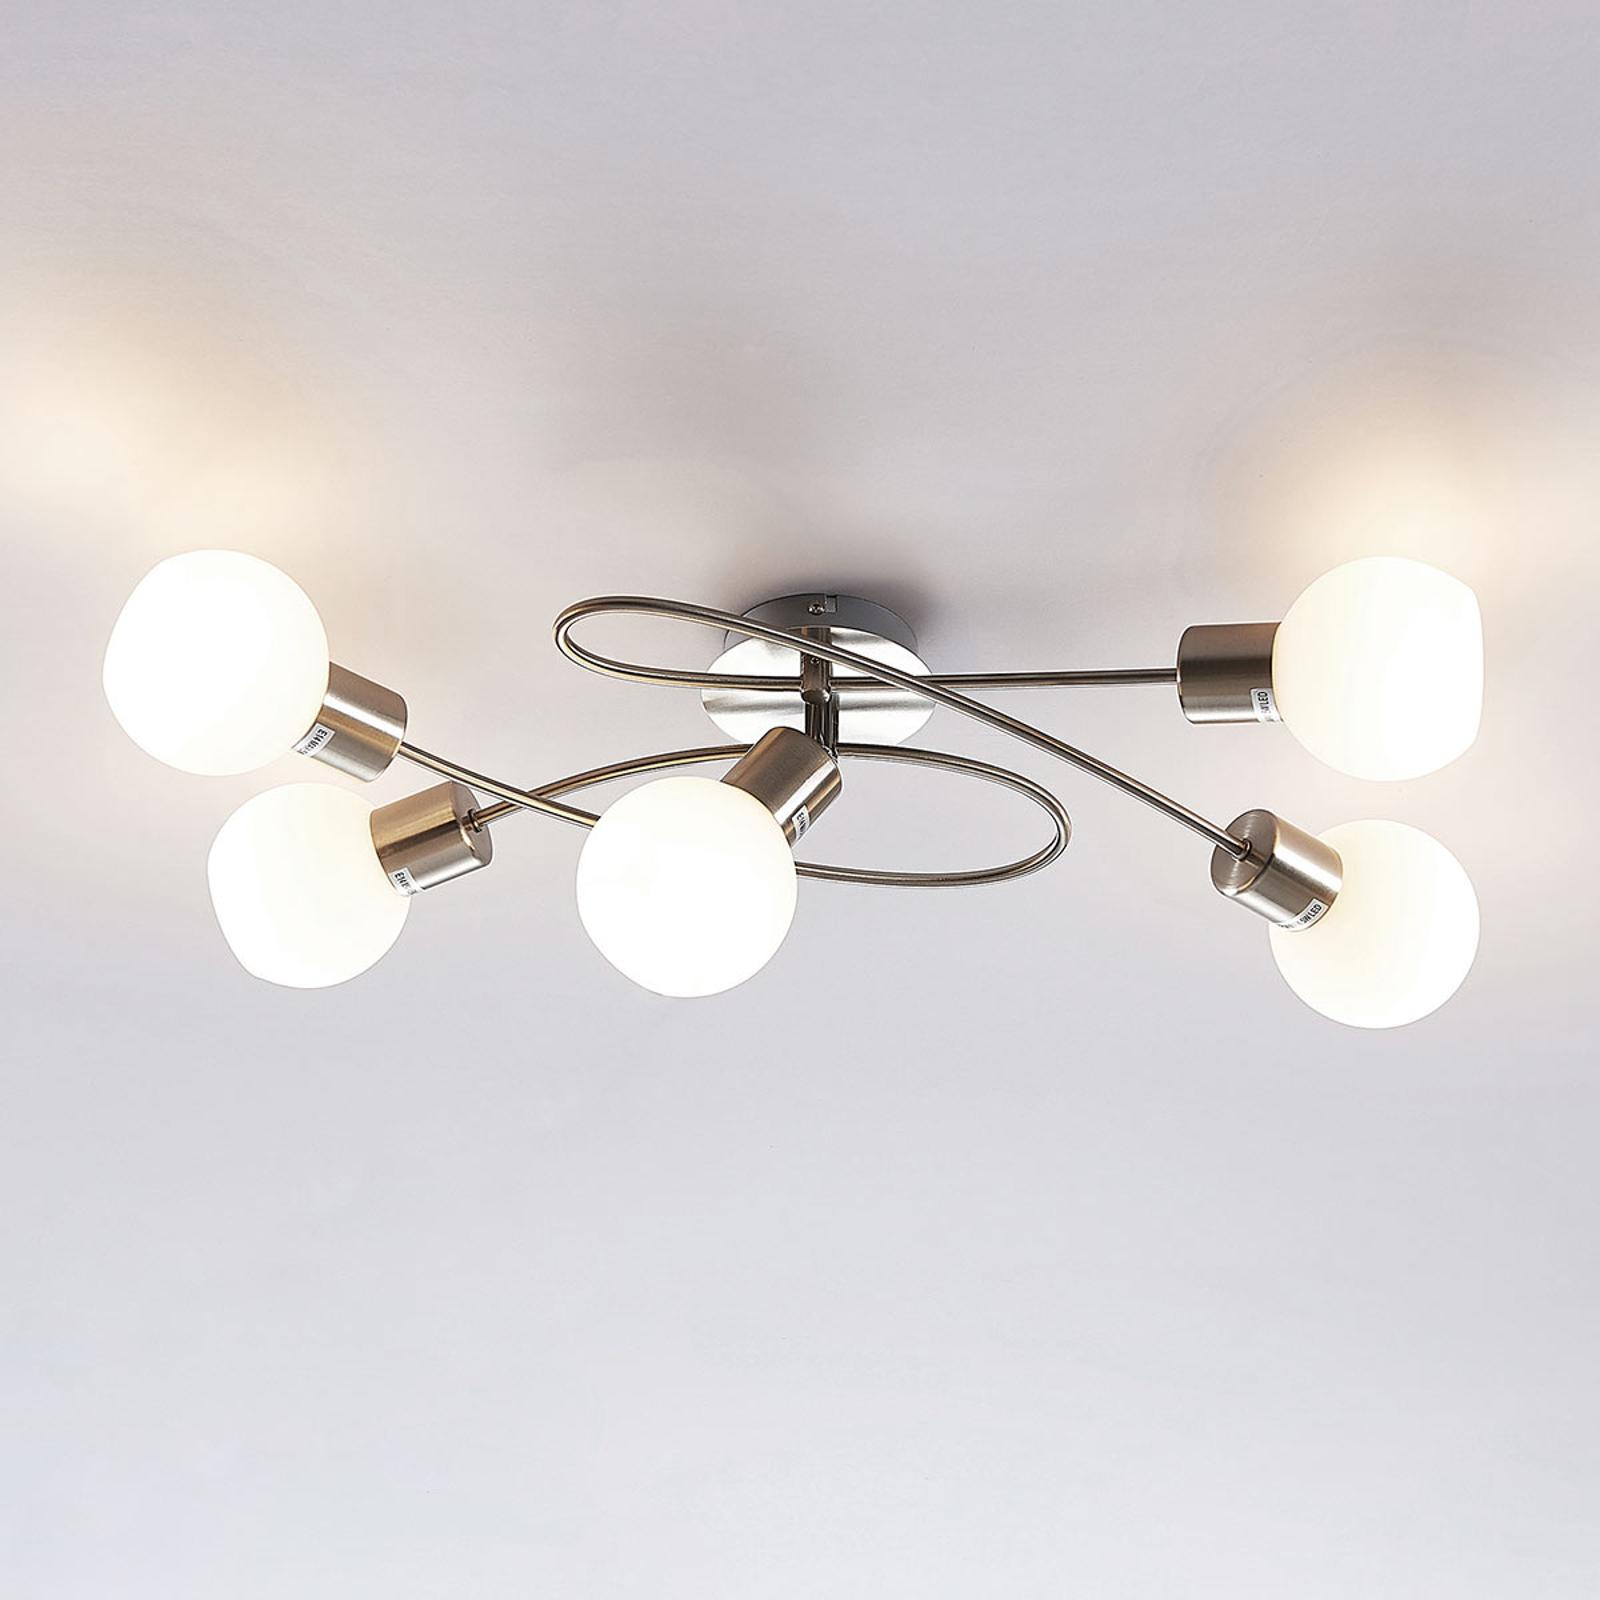 Stropní LED svět. Elaina, 5bod, podélná,nikl matný